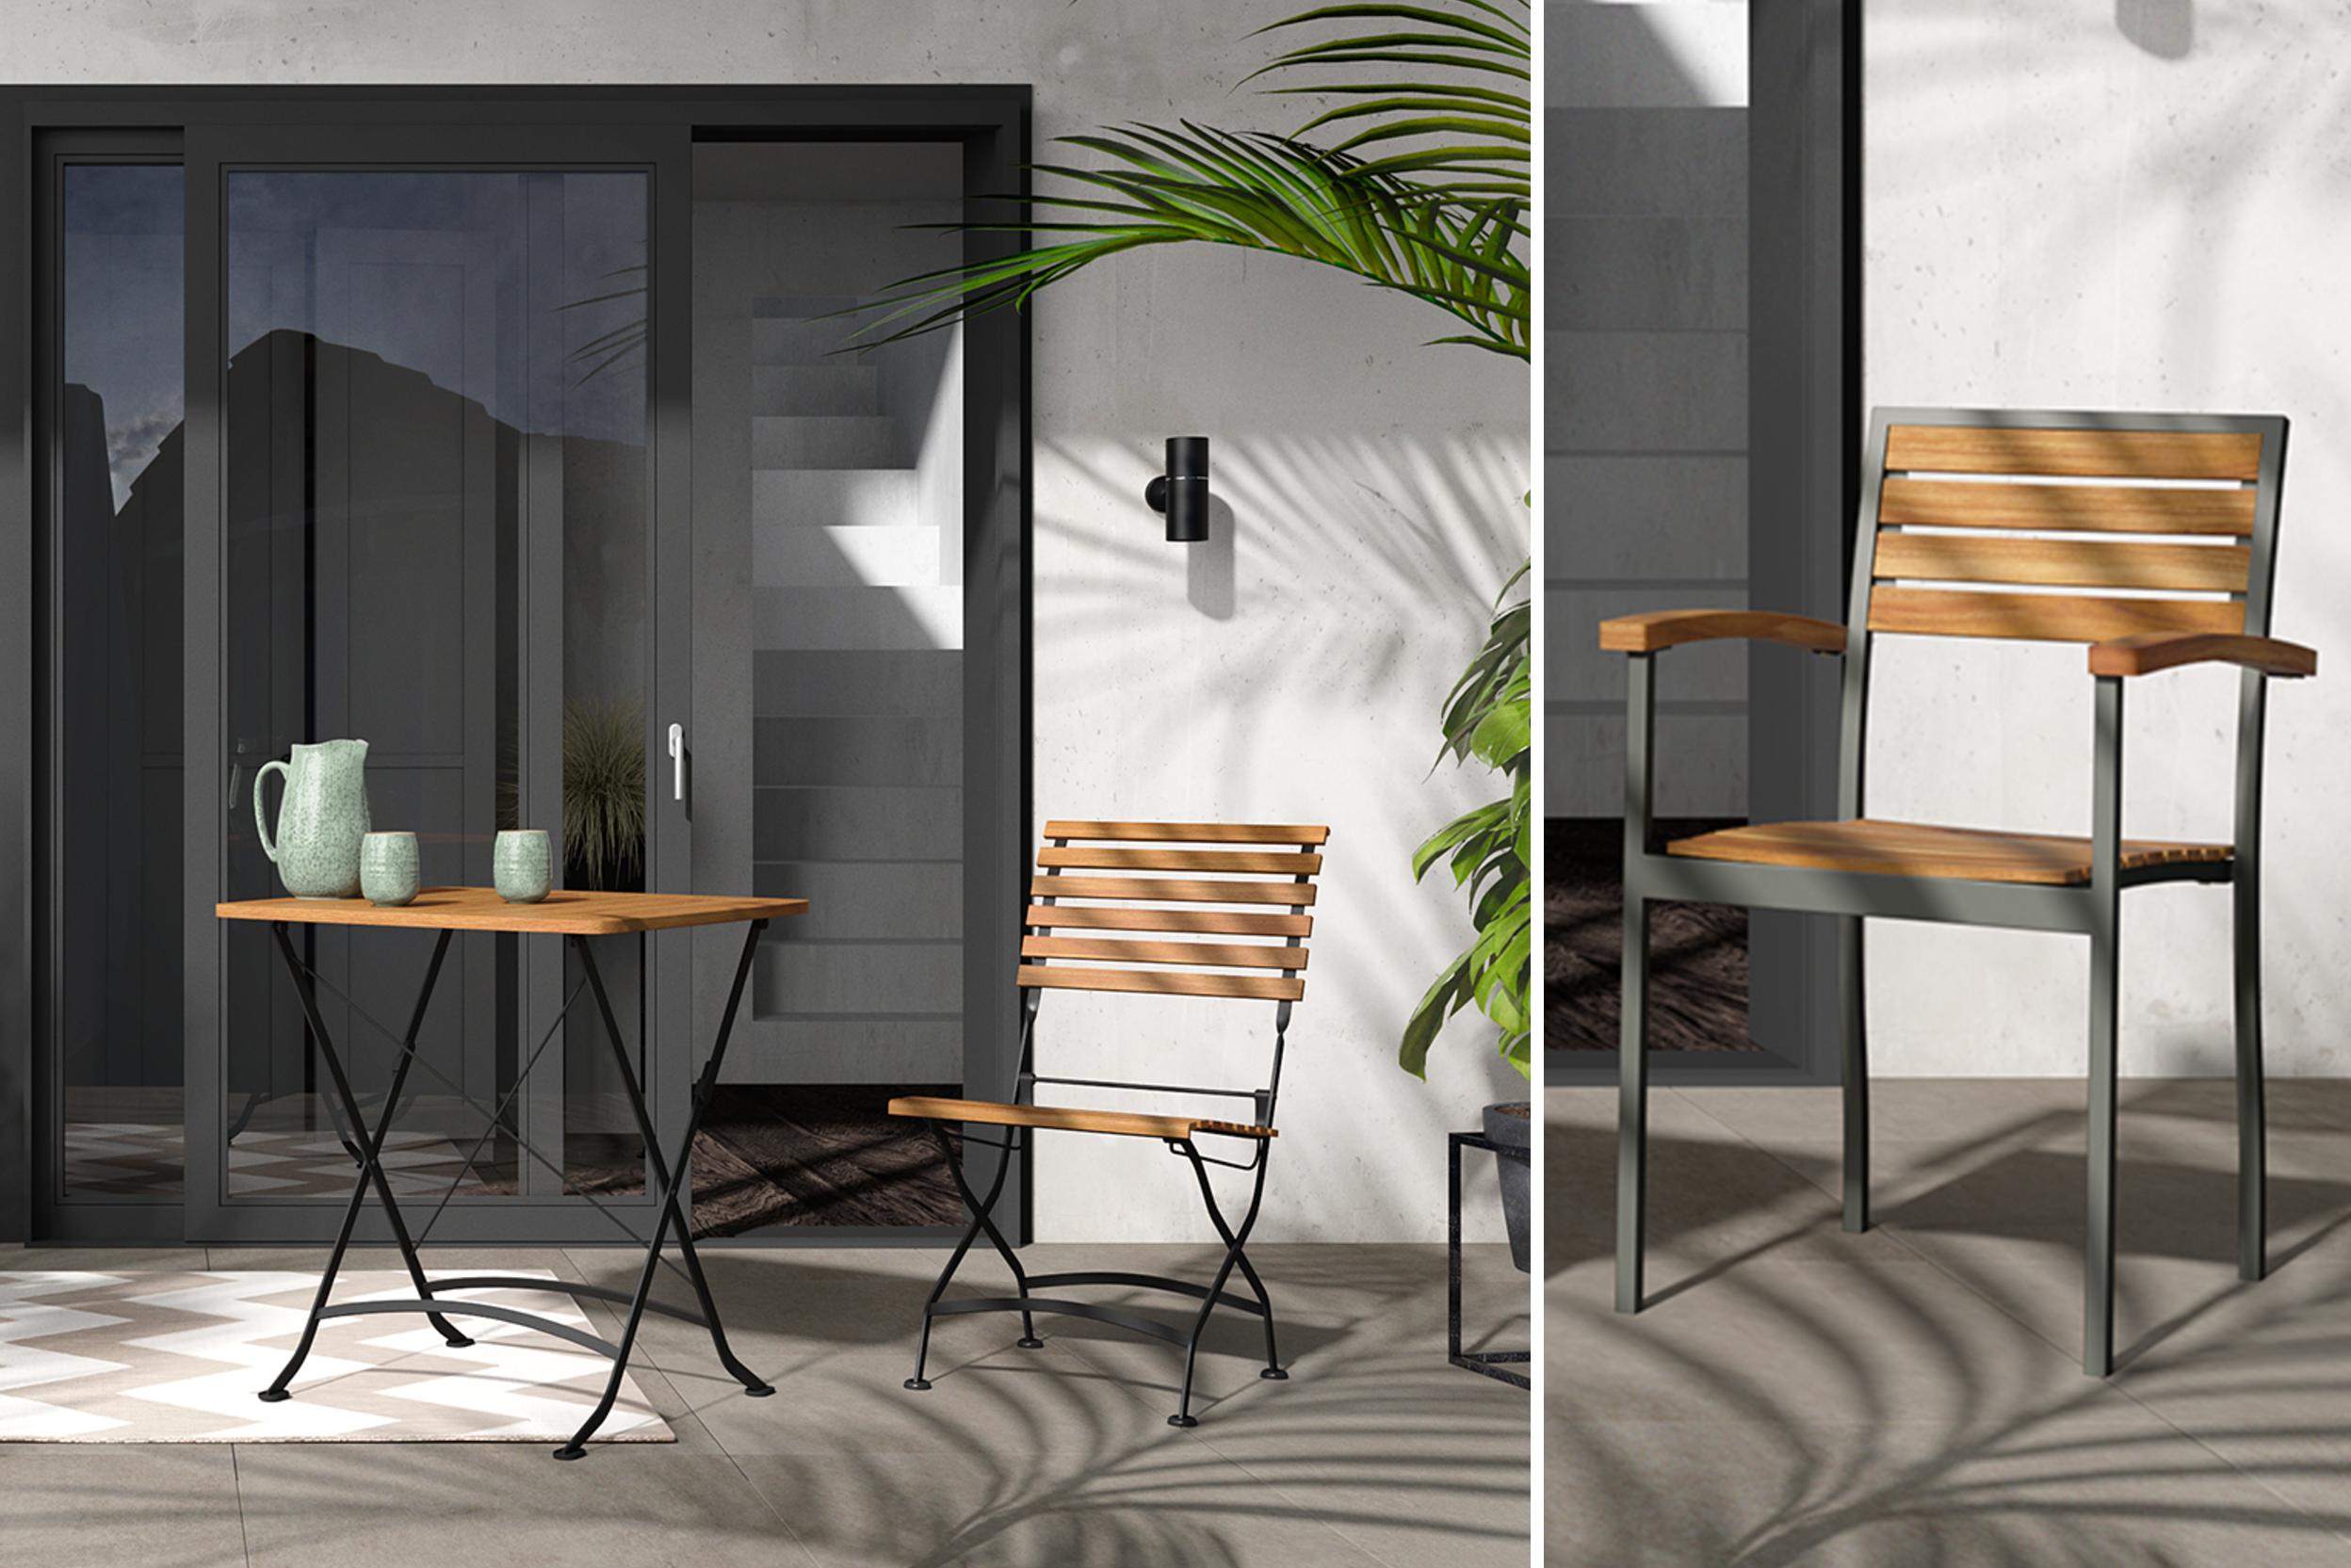 Gartentisch aus Holz mit Metallgestell sowie passende Gartenstühle mit Metallbeinen